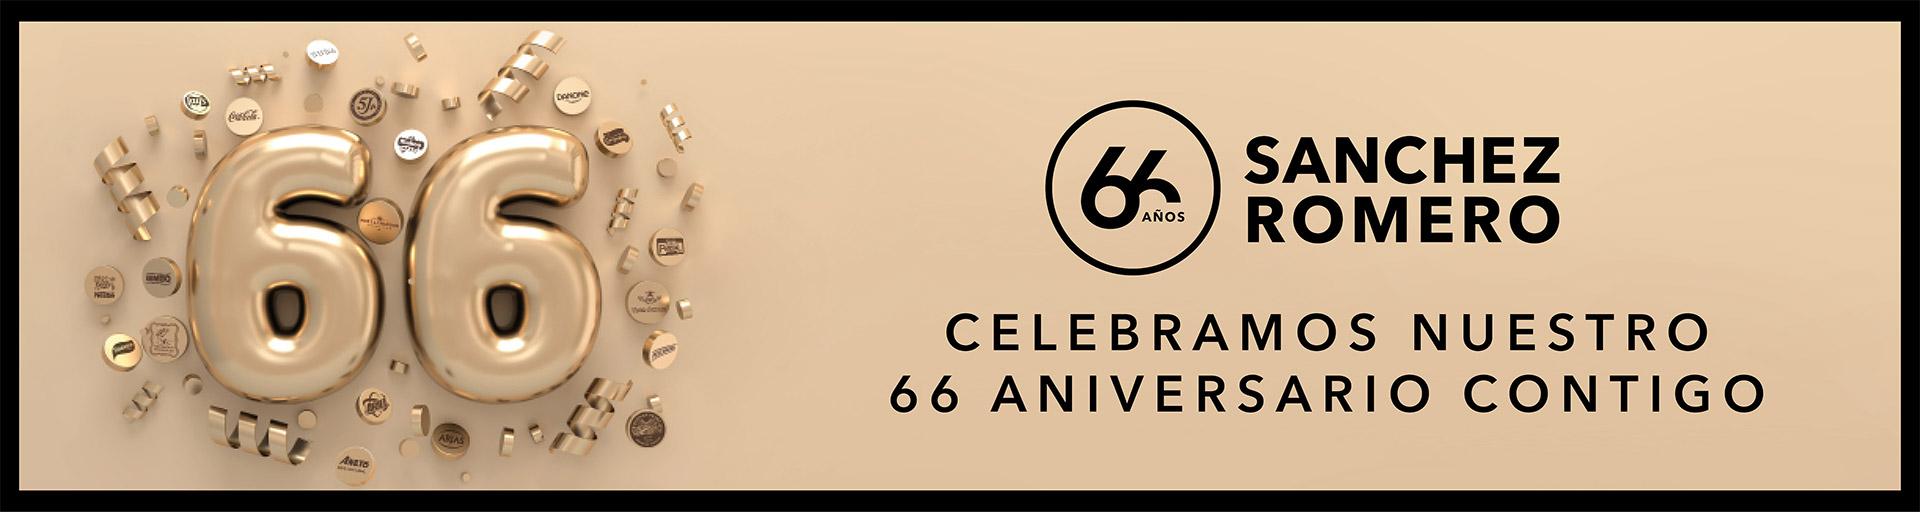 Celebramos nuestro 66 aniversario contigo